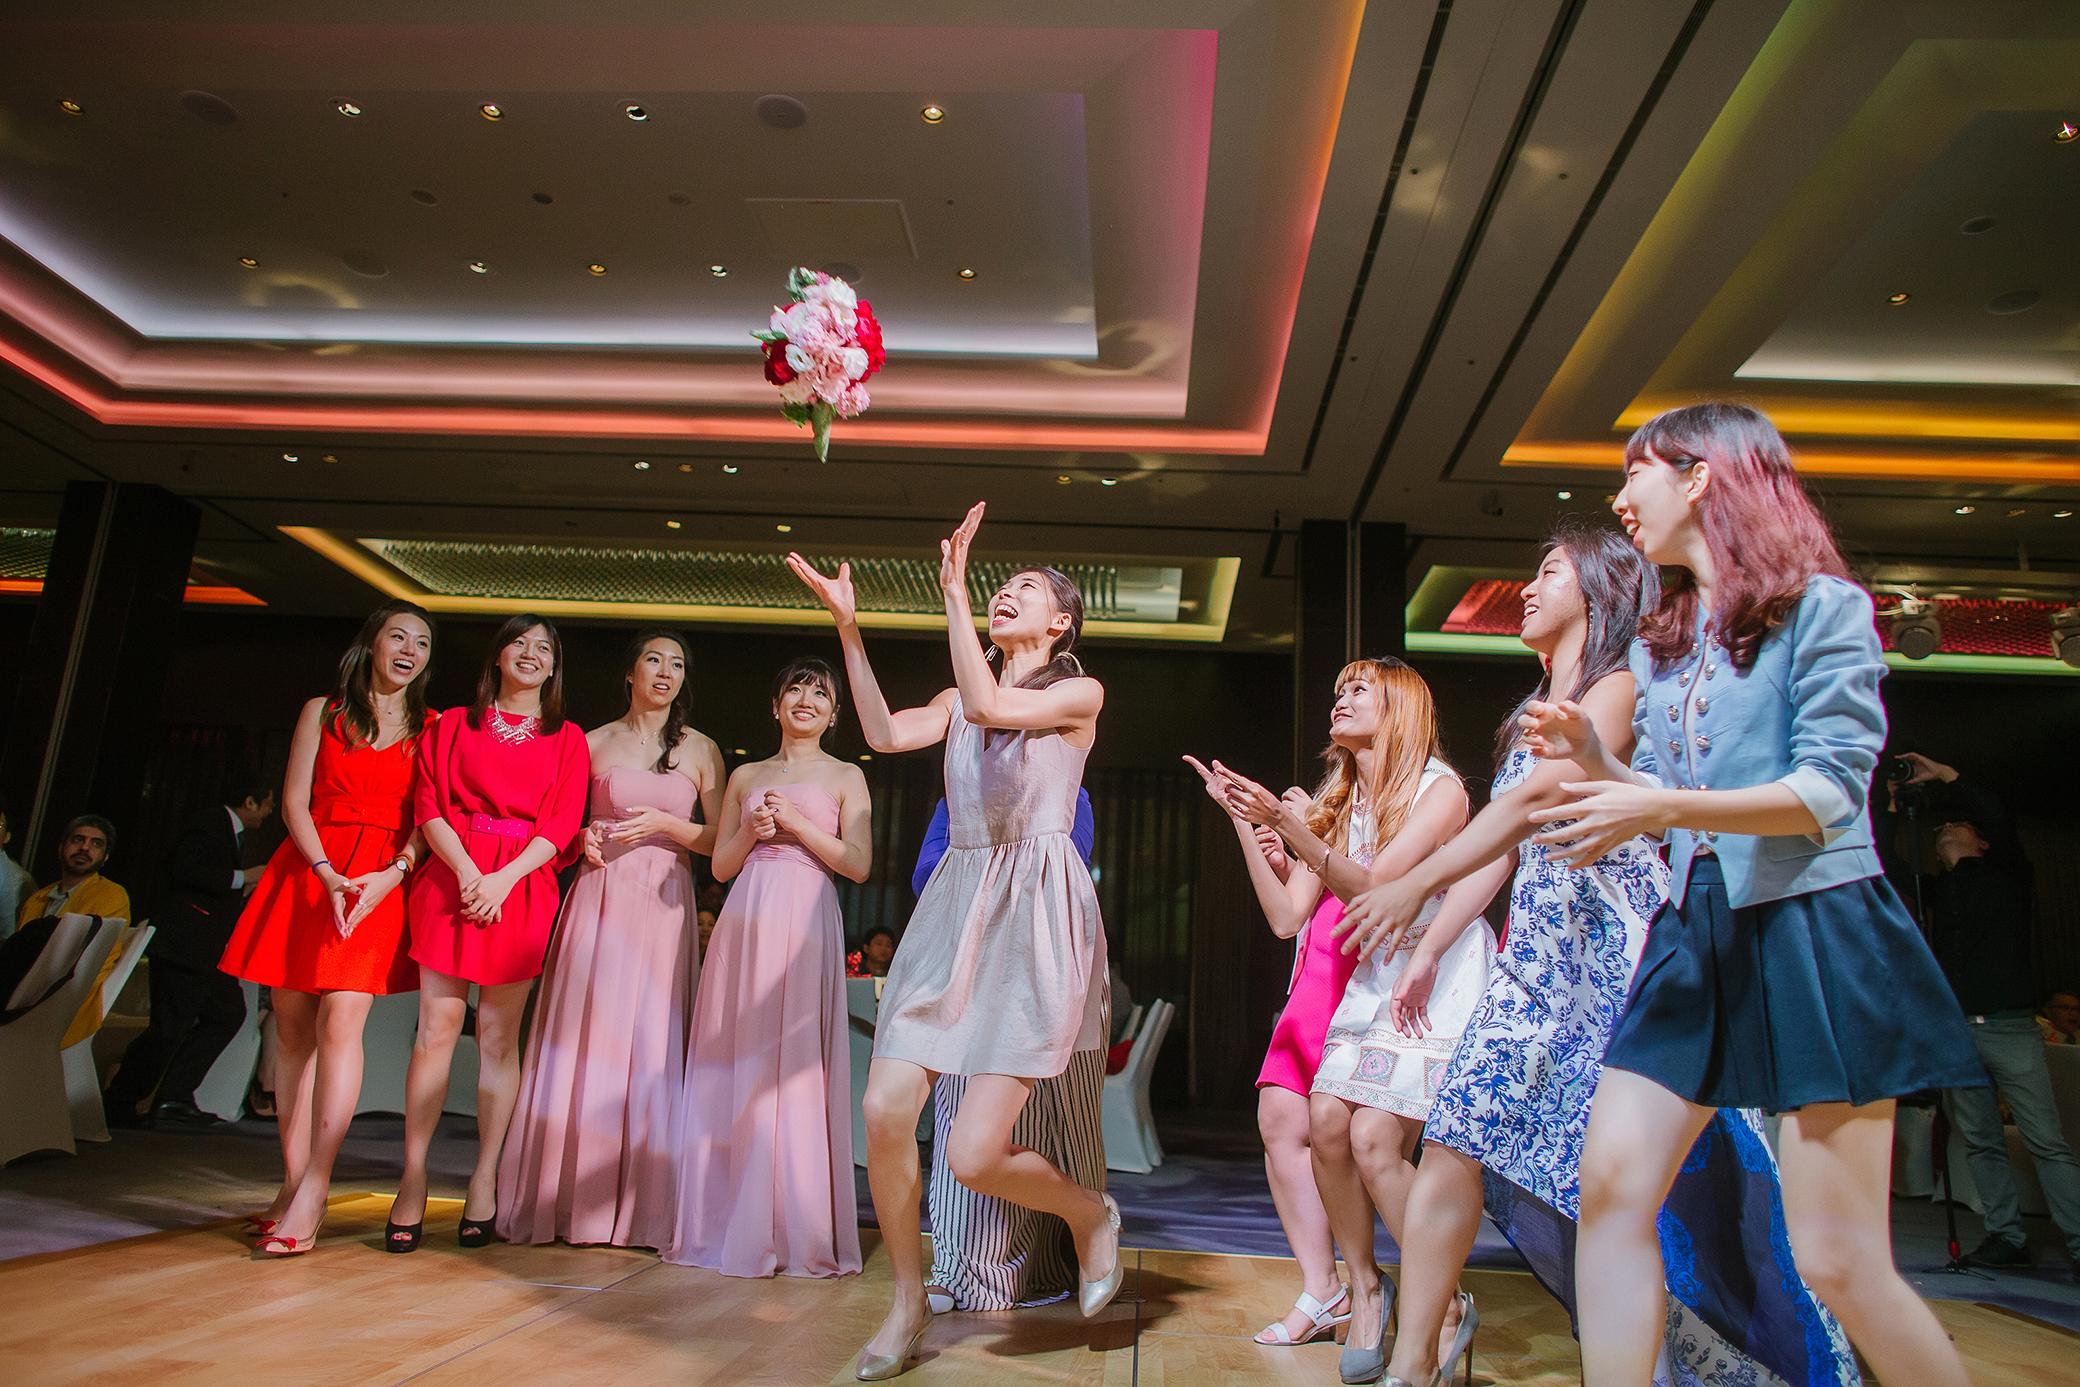 nickchang-wedding-%e5%af%92%e8%88%8d%e8%89%be%e9%ba%97-fineart-63